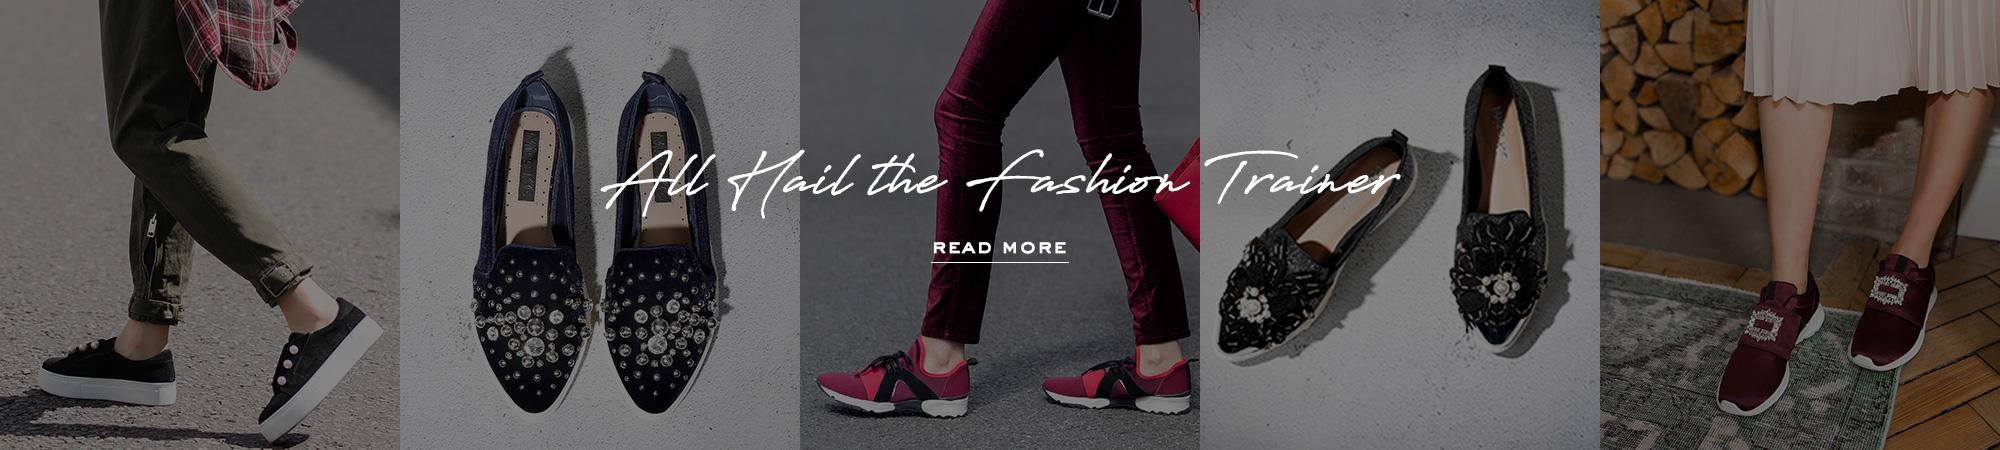 all hail the fashion trainer